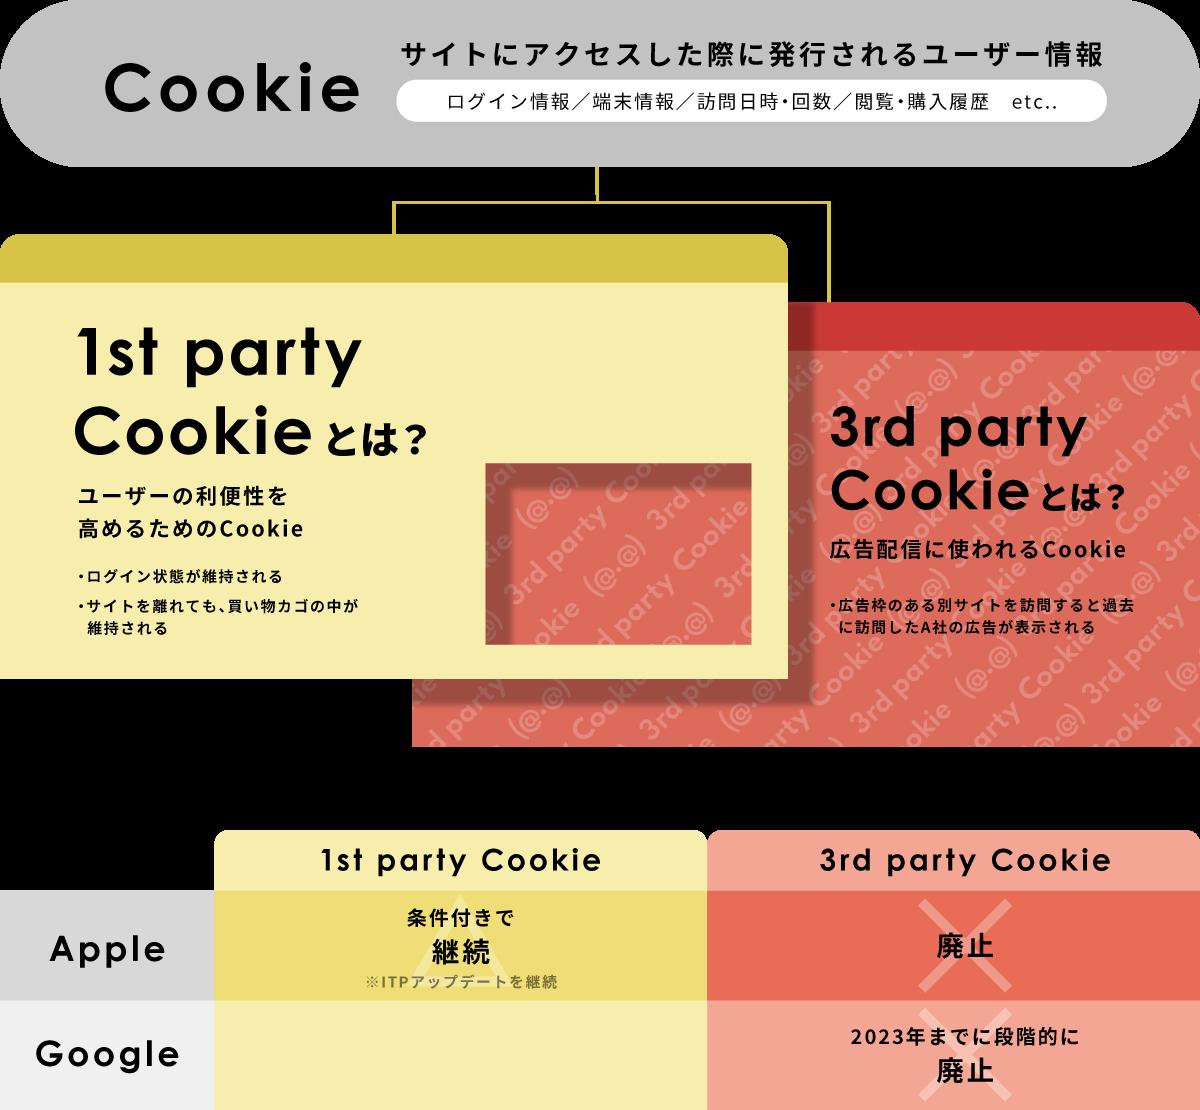 ファーストパーティークッキーとサードパーティークッキー